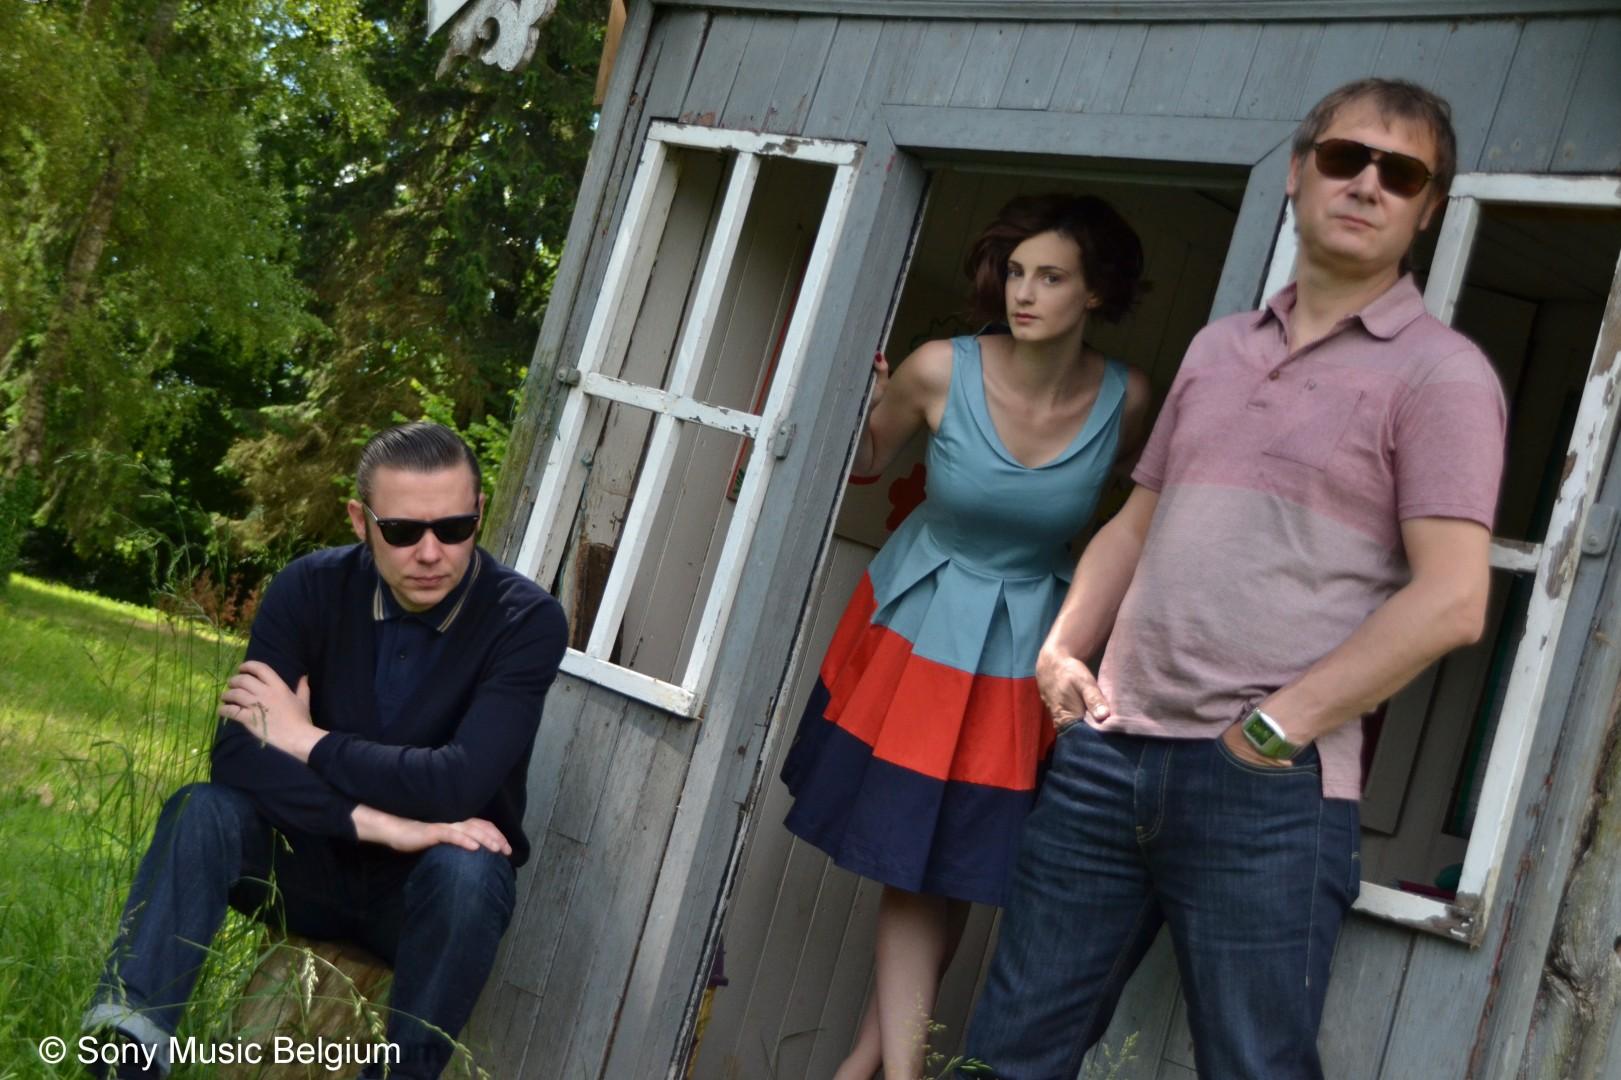 Reflection, il nuovo album degli Hooverphonic è fatto in casa (dei fan)